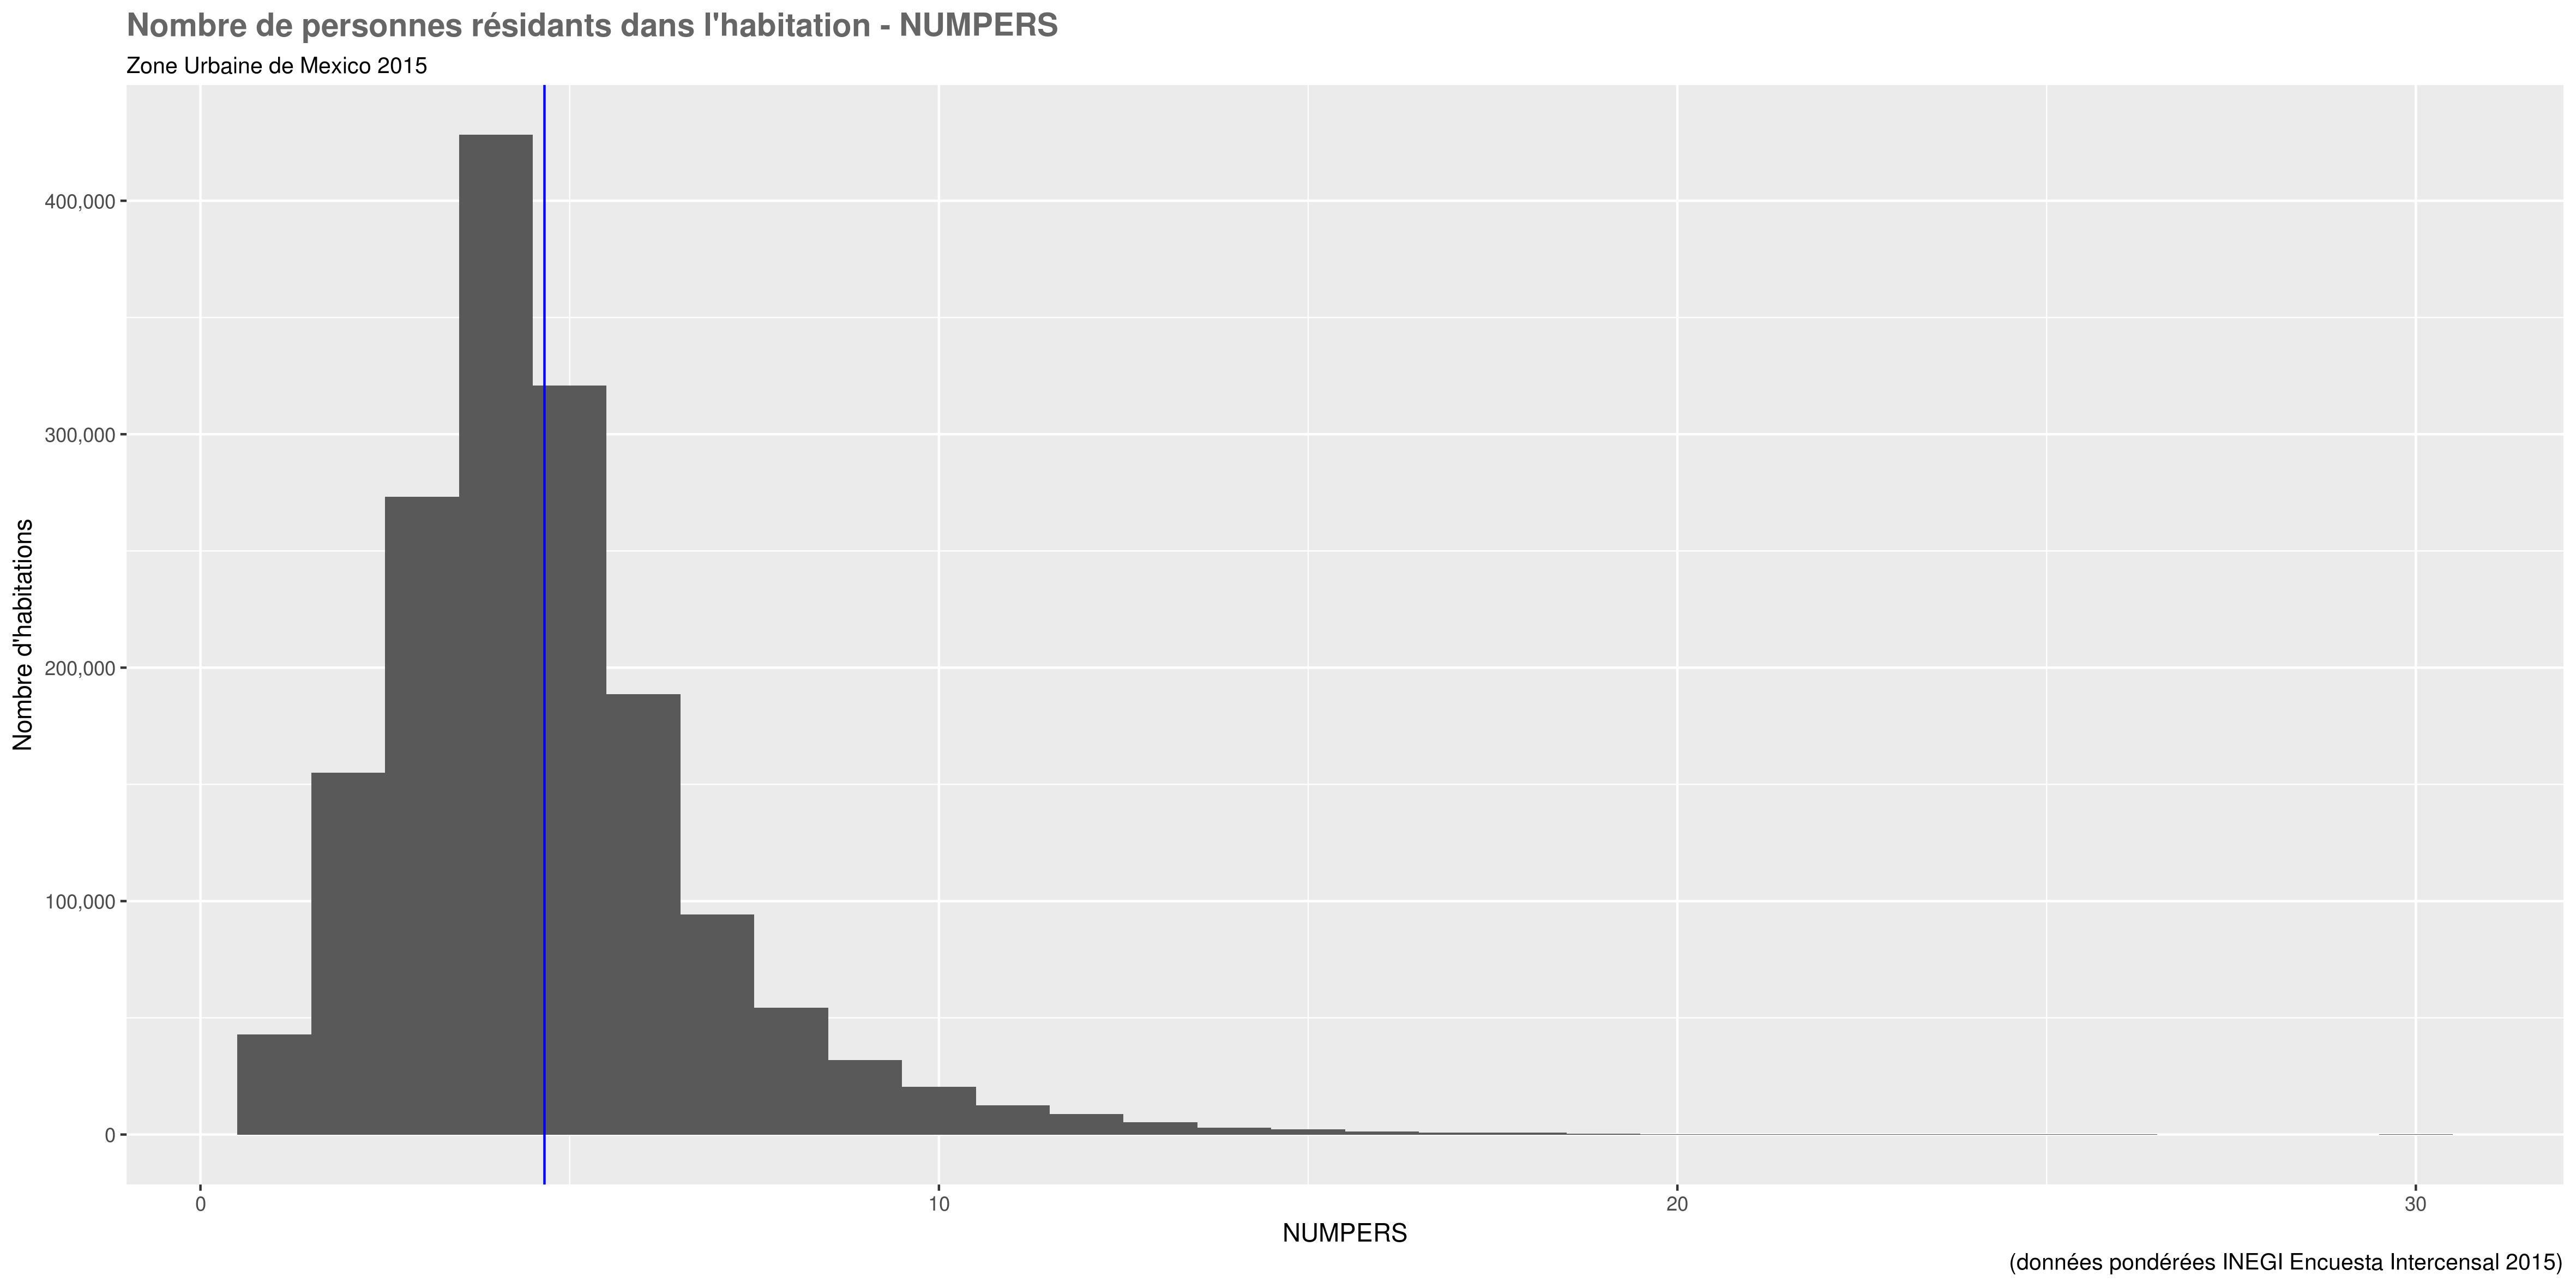 docs/images/distri_variables/NUMPERS.png